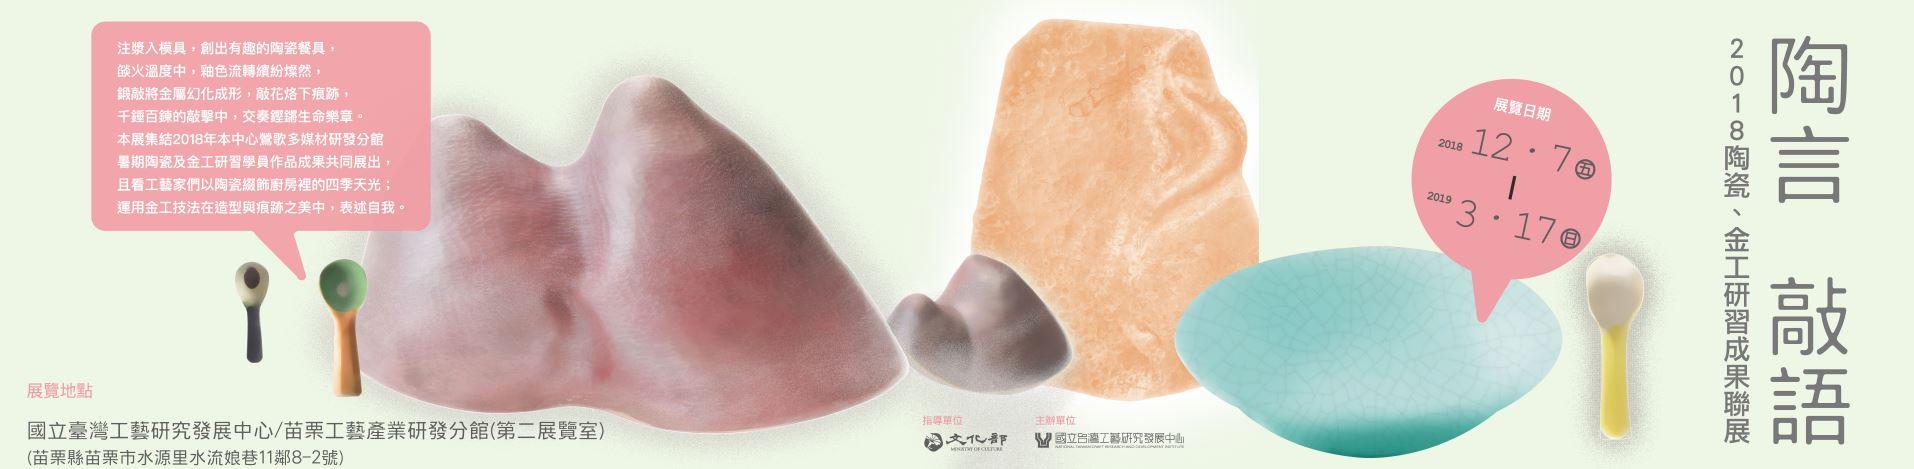 陶言敲語-2018陶瓷、金工研習成果聯展[另開新視窗]